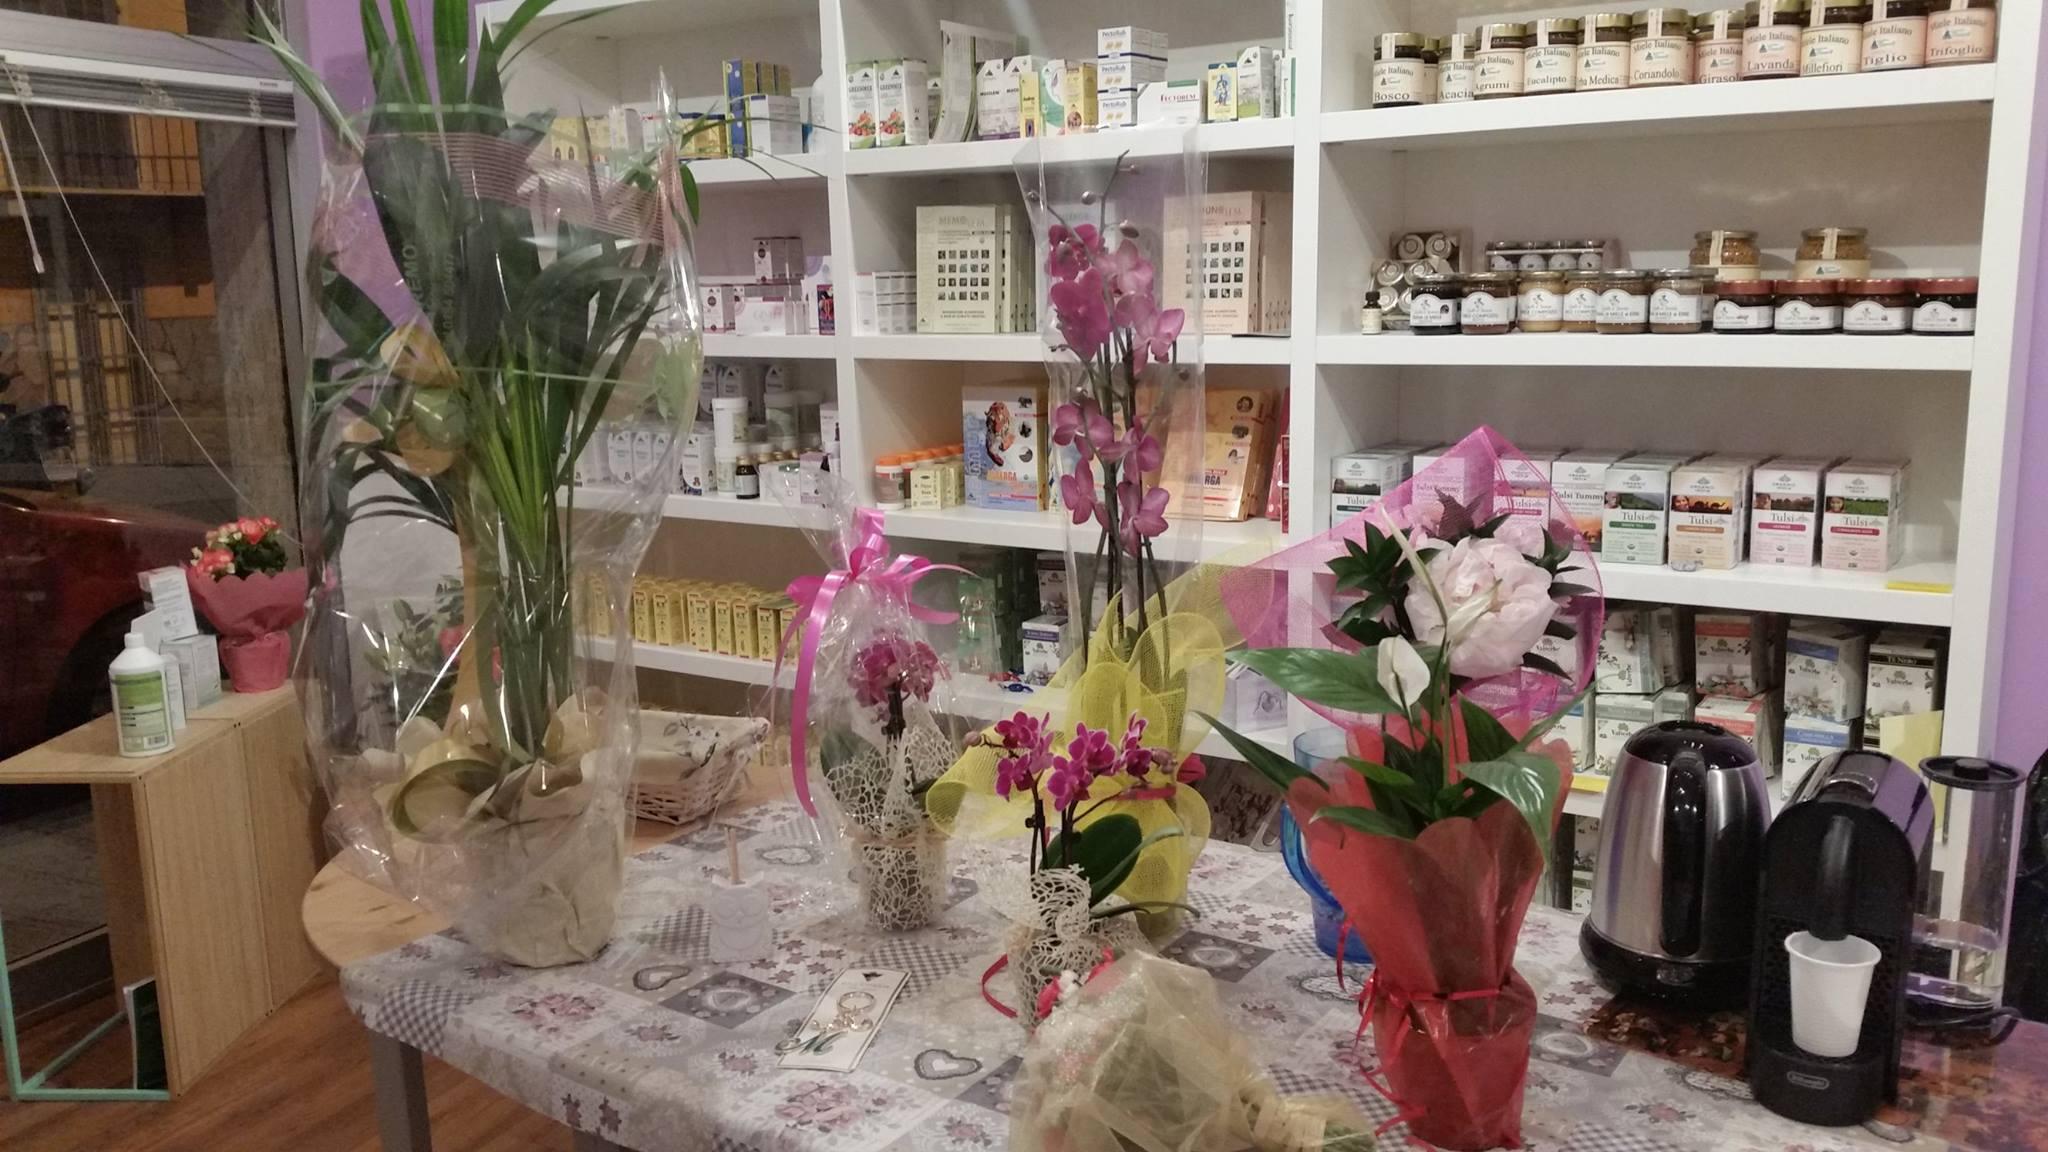 un tavolo con dei vasi di orchidee